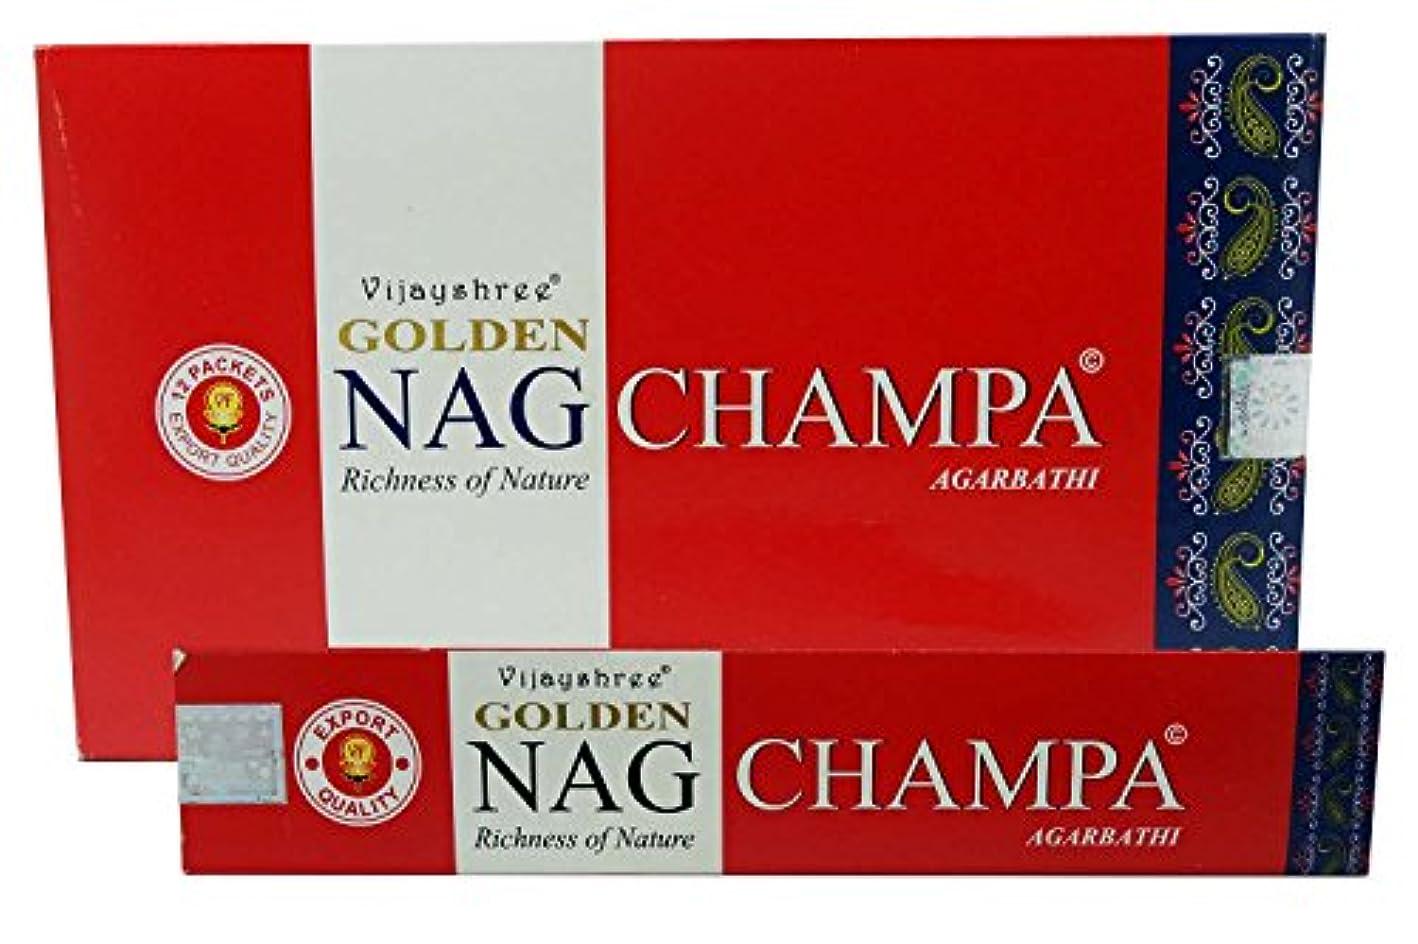 見出し歩くチャレンジAgarbathi Vijayshree Golden Nag Champa Incense Sticks 15 g x 12